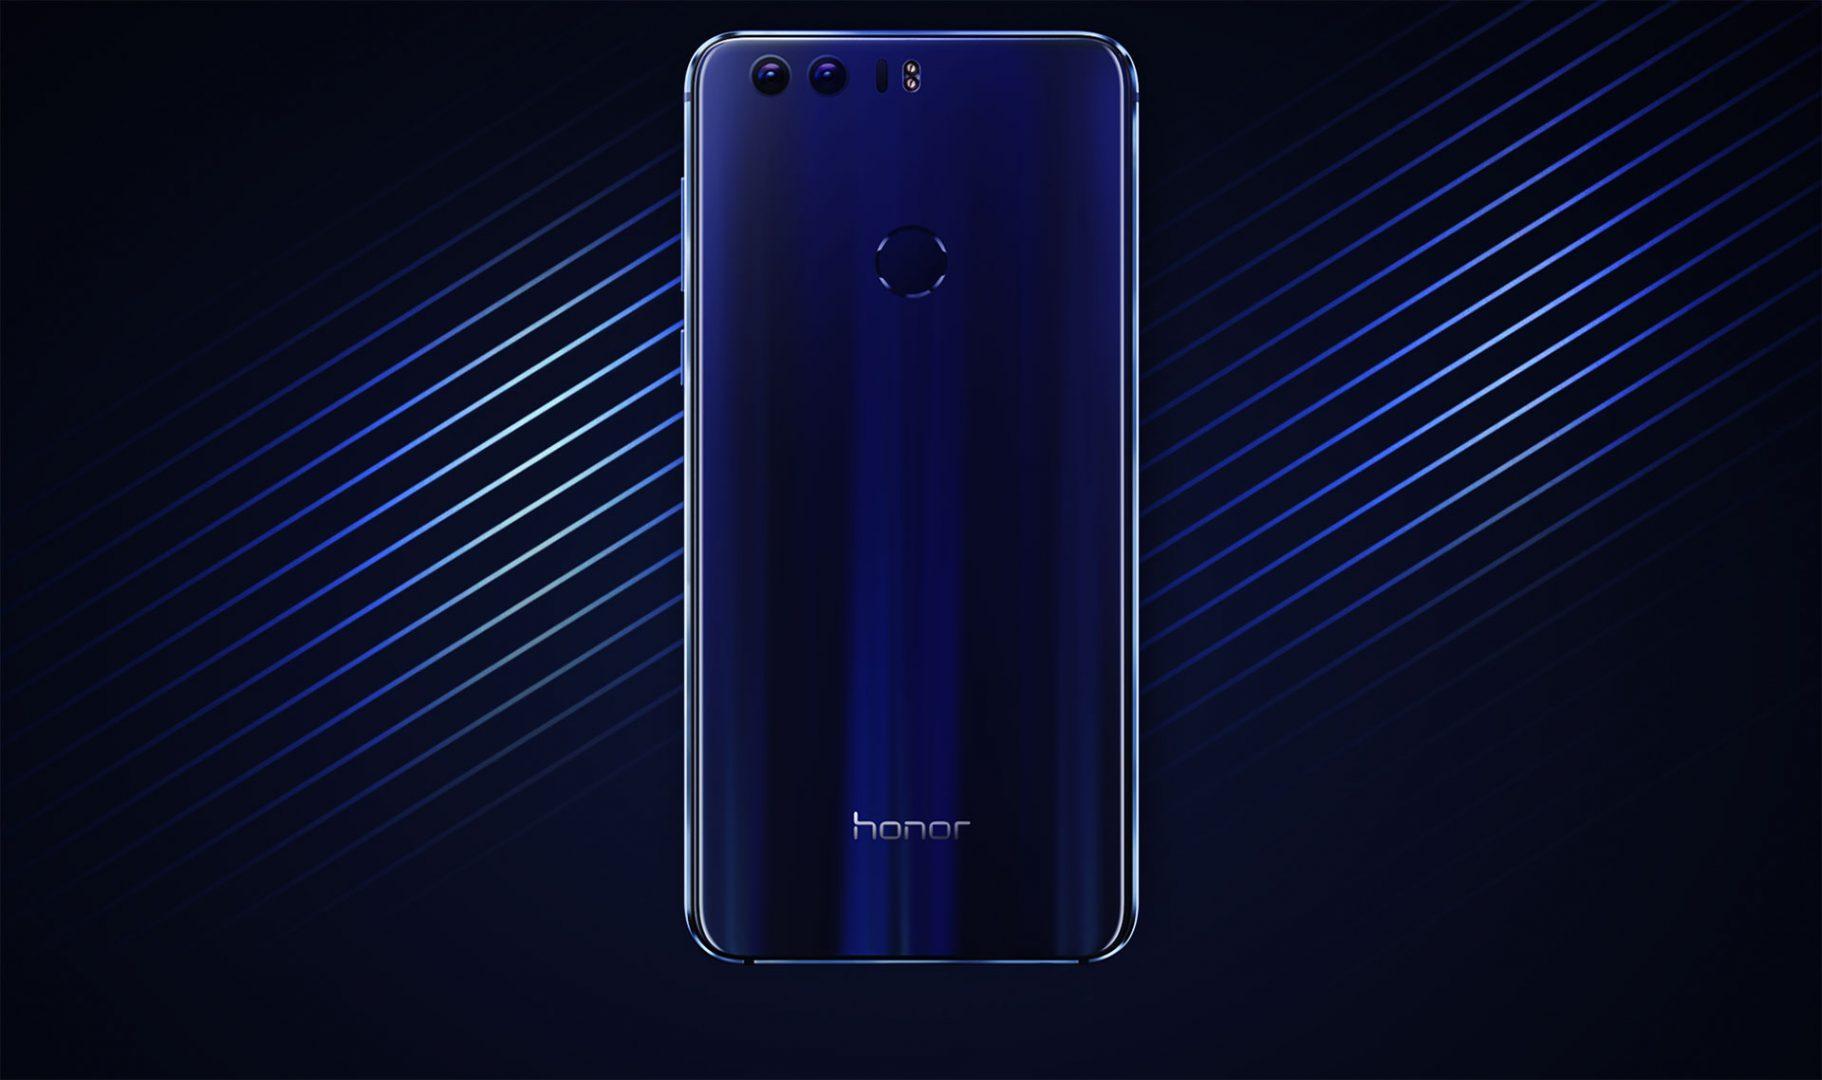 Huawei Honor 8 back